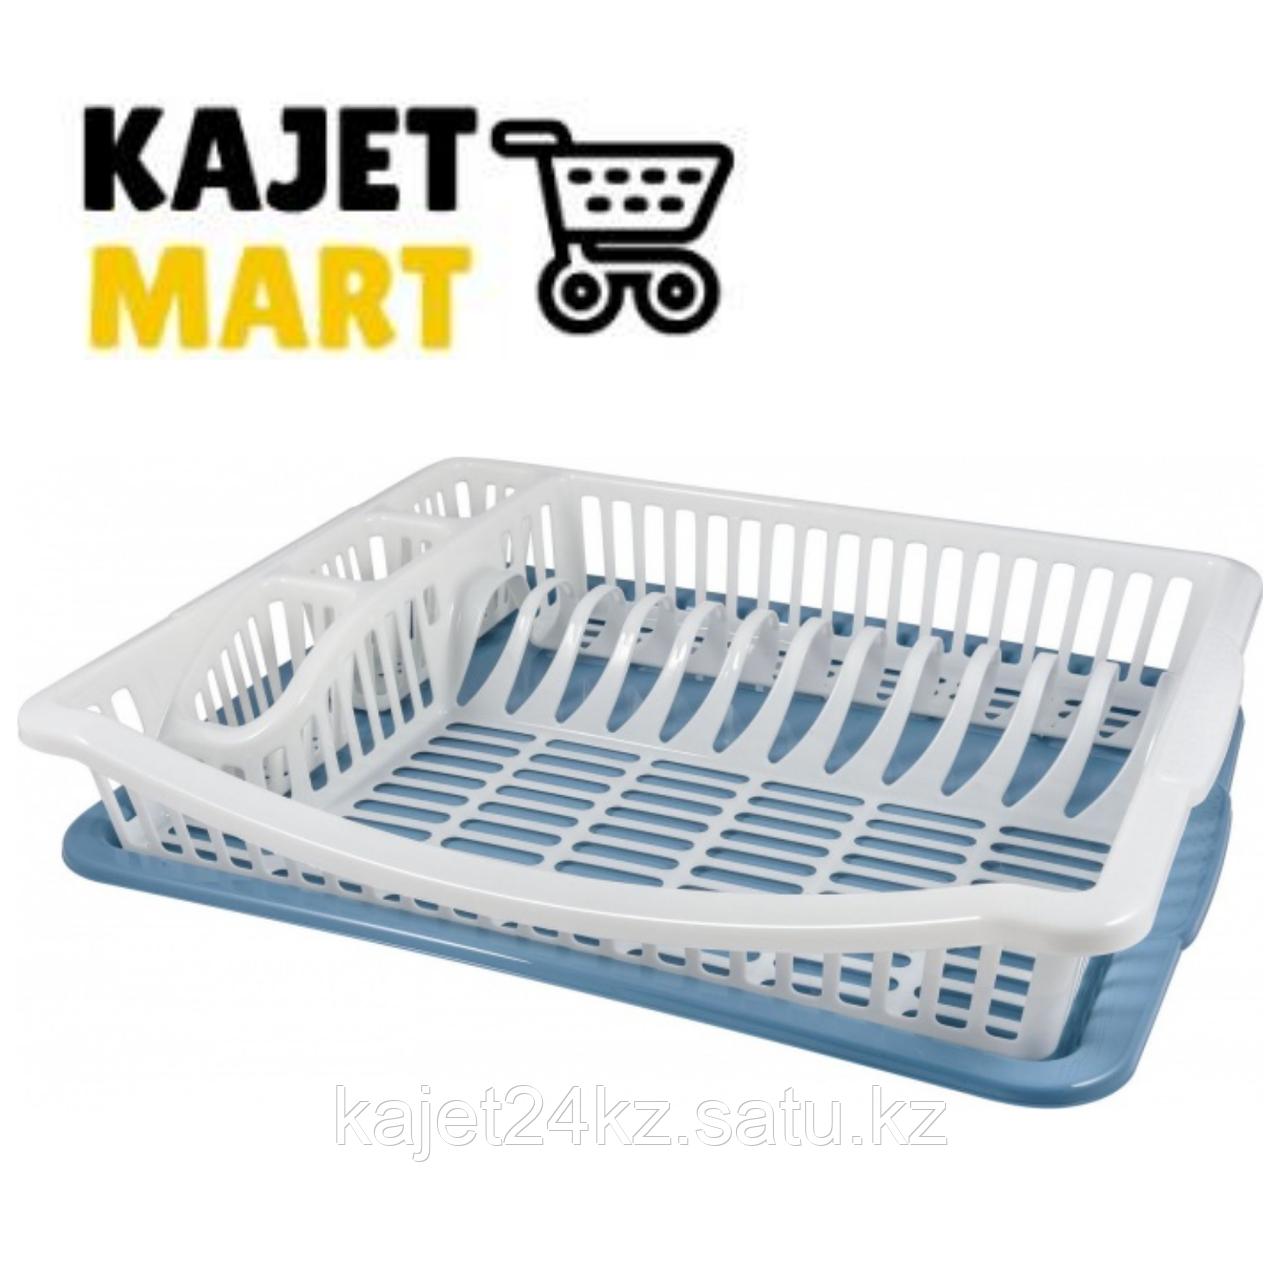 Сушилка для посуды и столовых приборов STOCKHOLM туманно-голубой